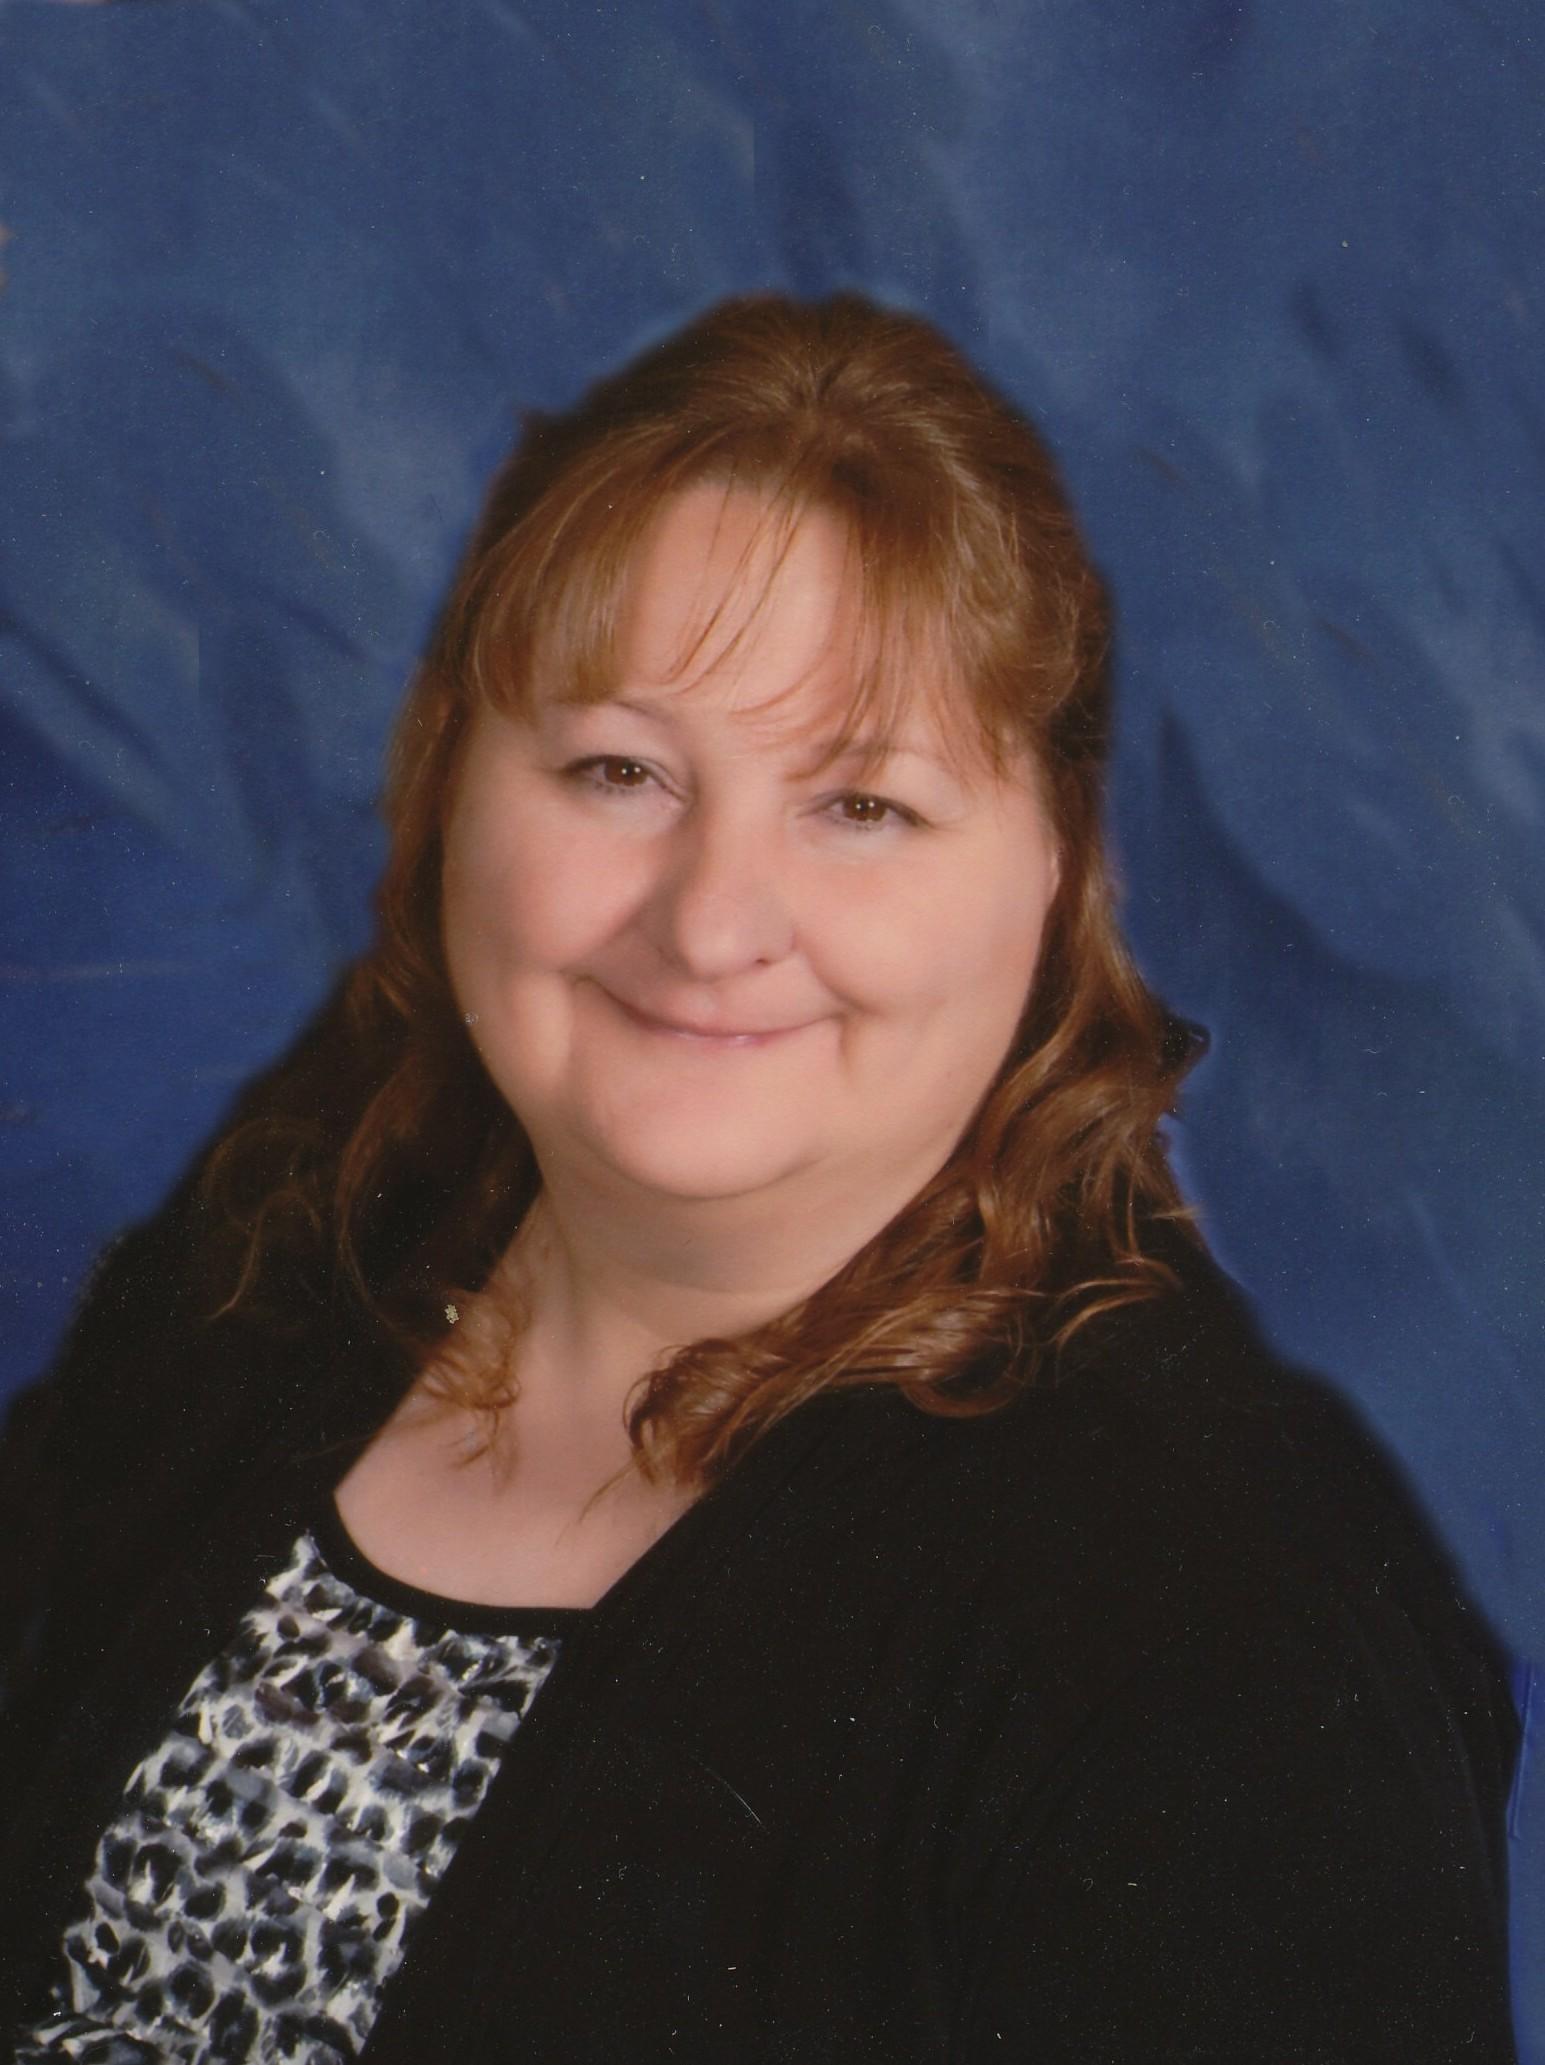 Carol (Mrs. Nick) Heller age 53 of Wisner, Nebraska